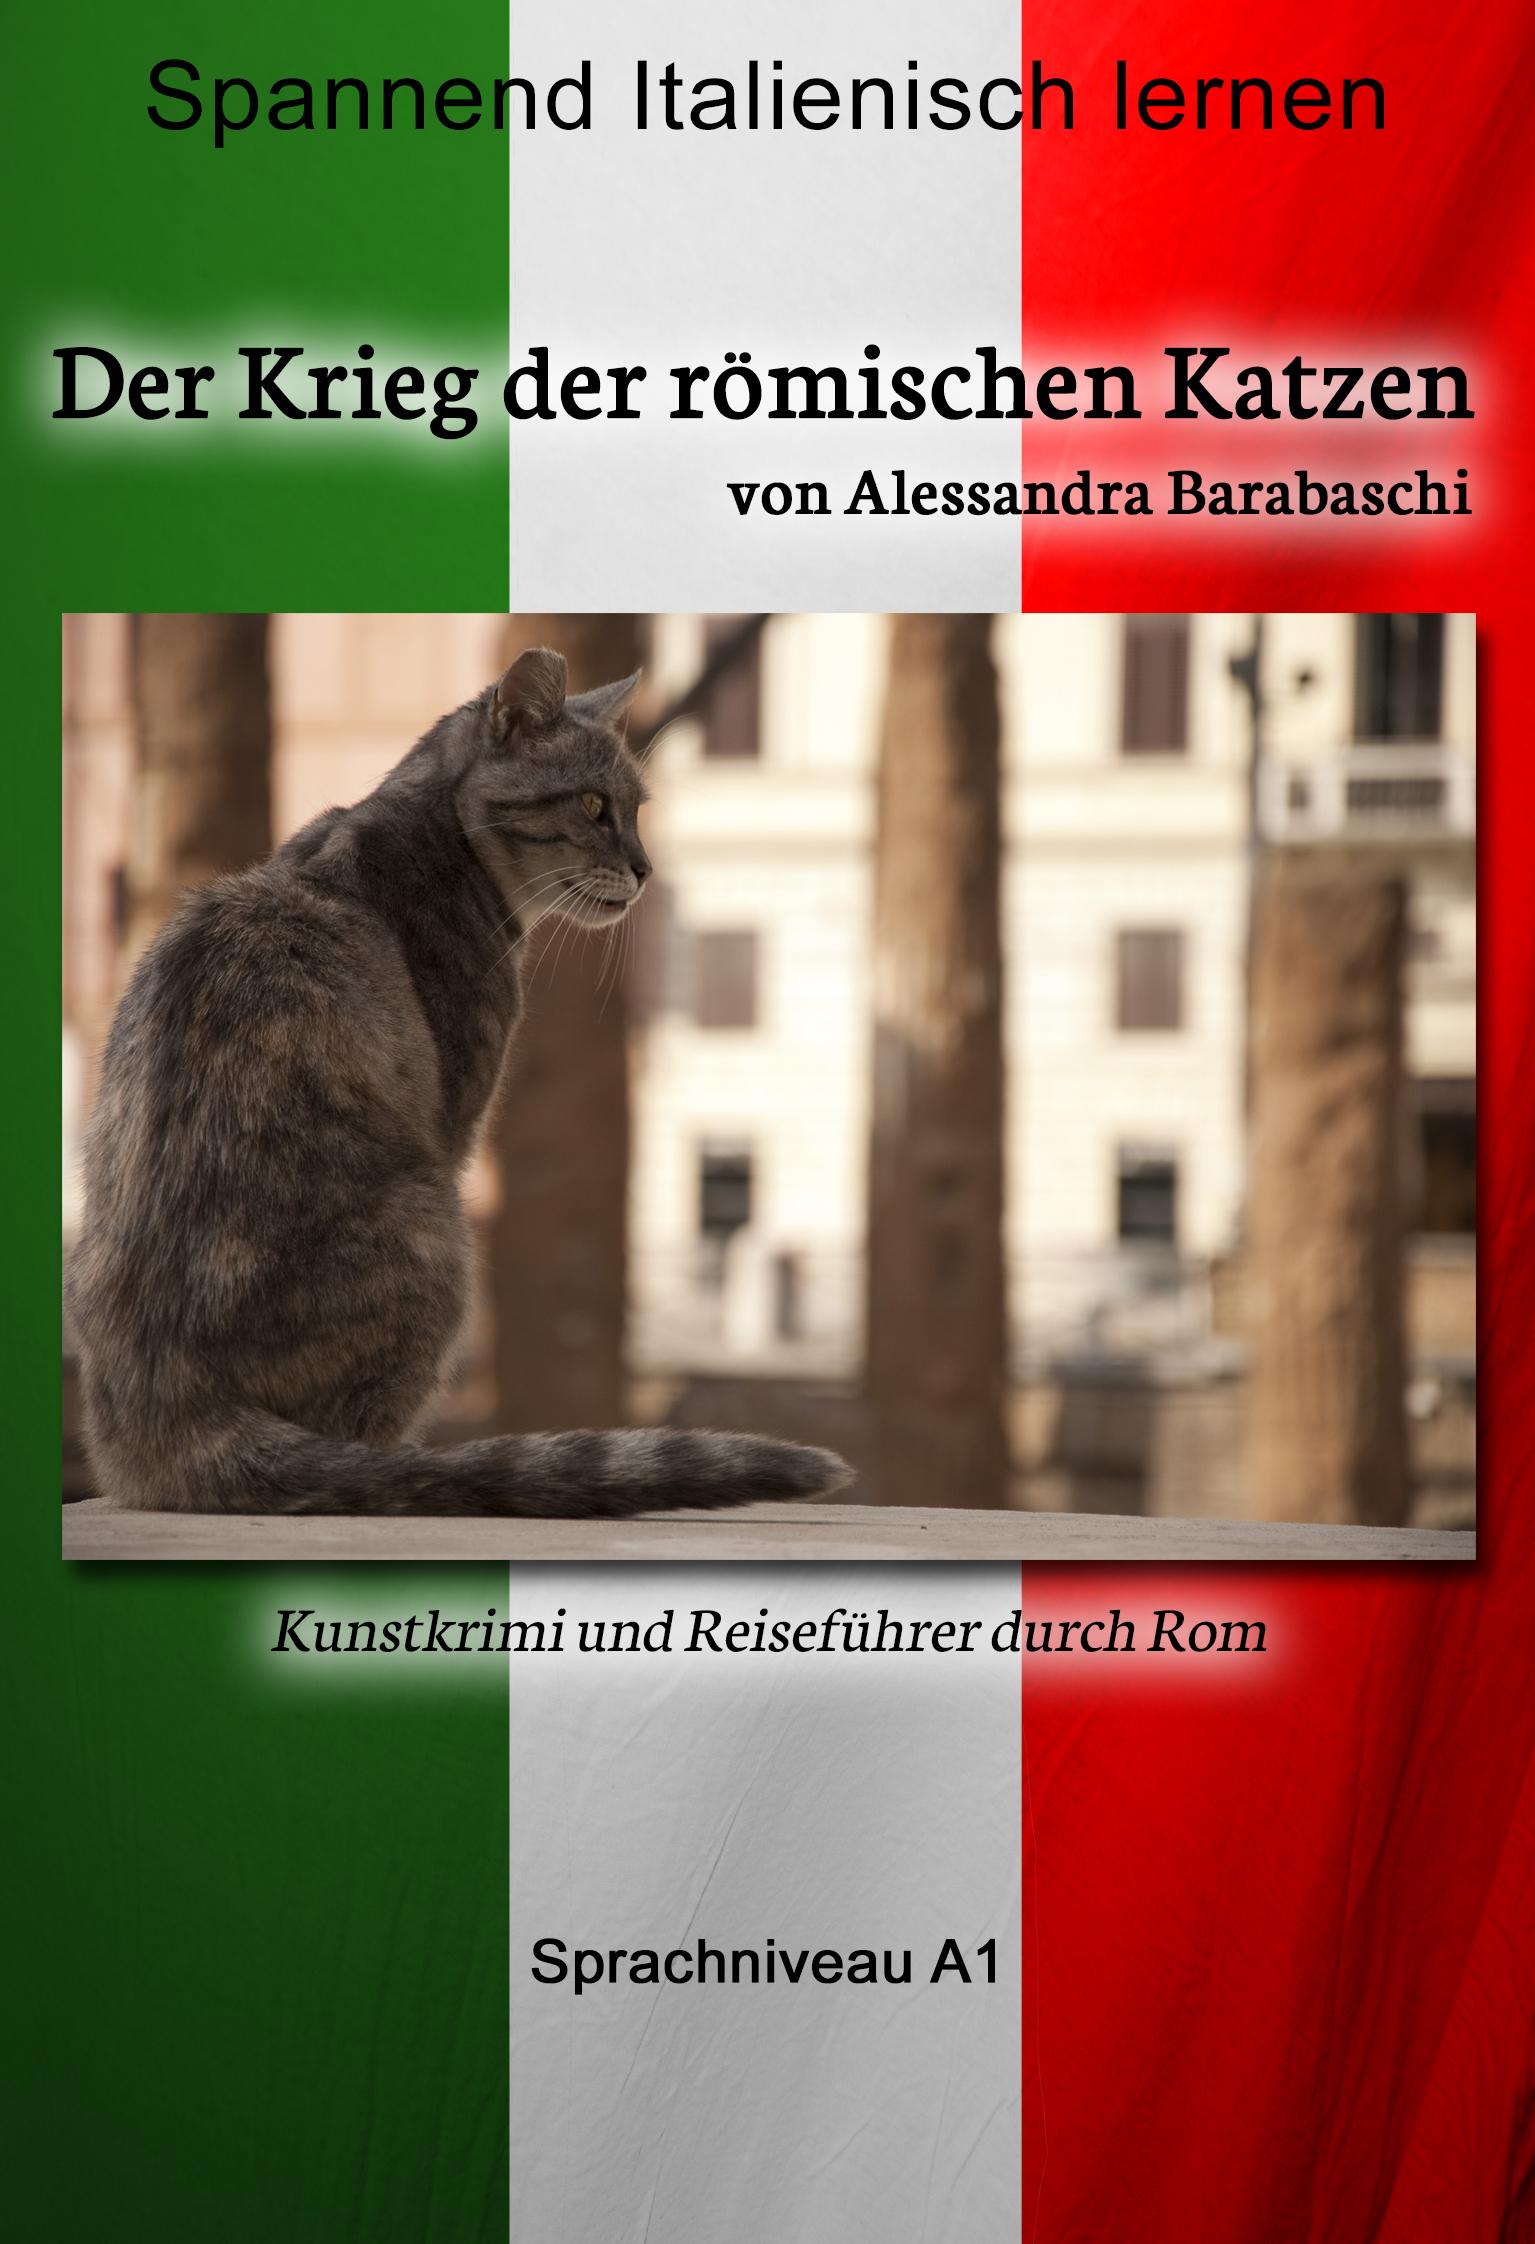 цена на Alessandra Barabaschi Der Krieg der römischen Katzen - Sprachkurs Italienisch-Deutsch A1